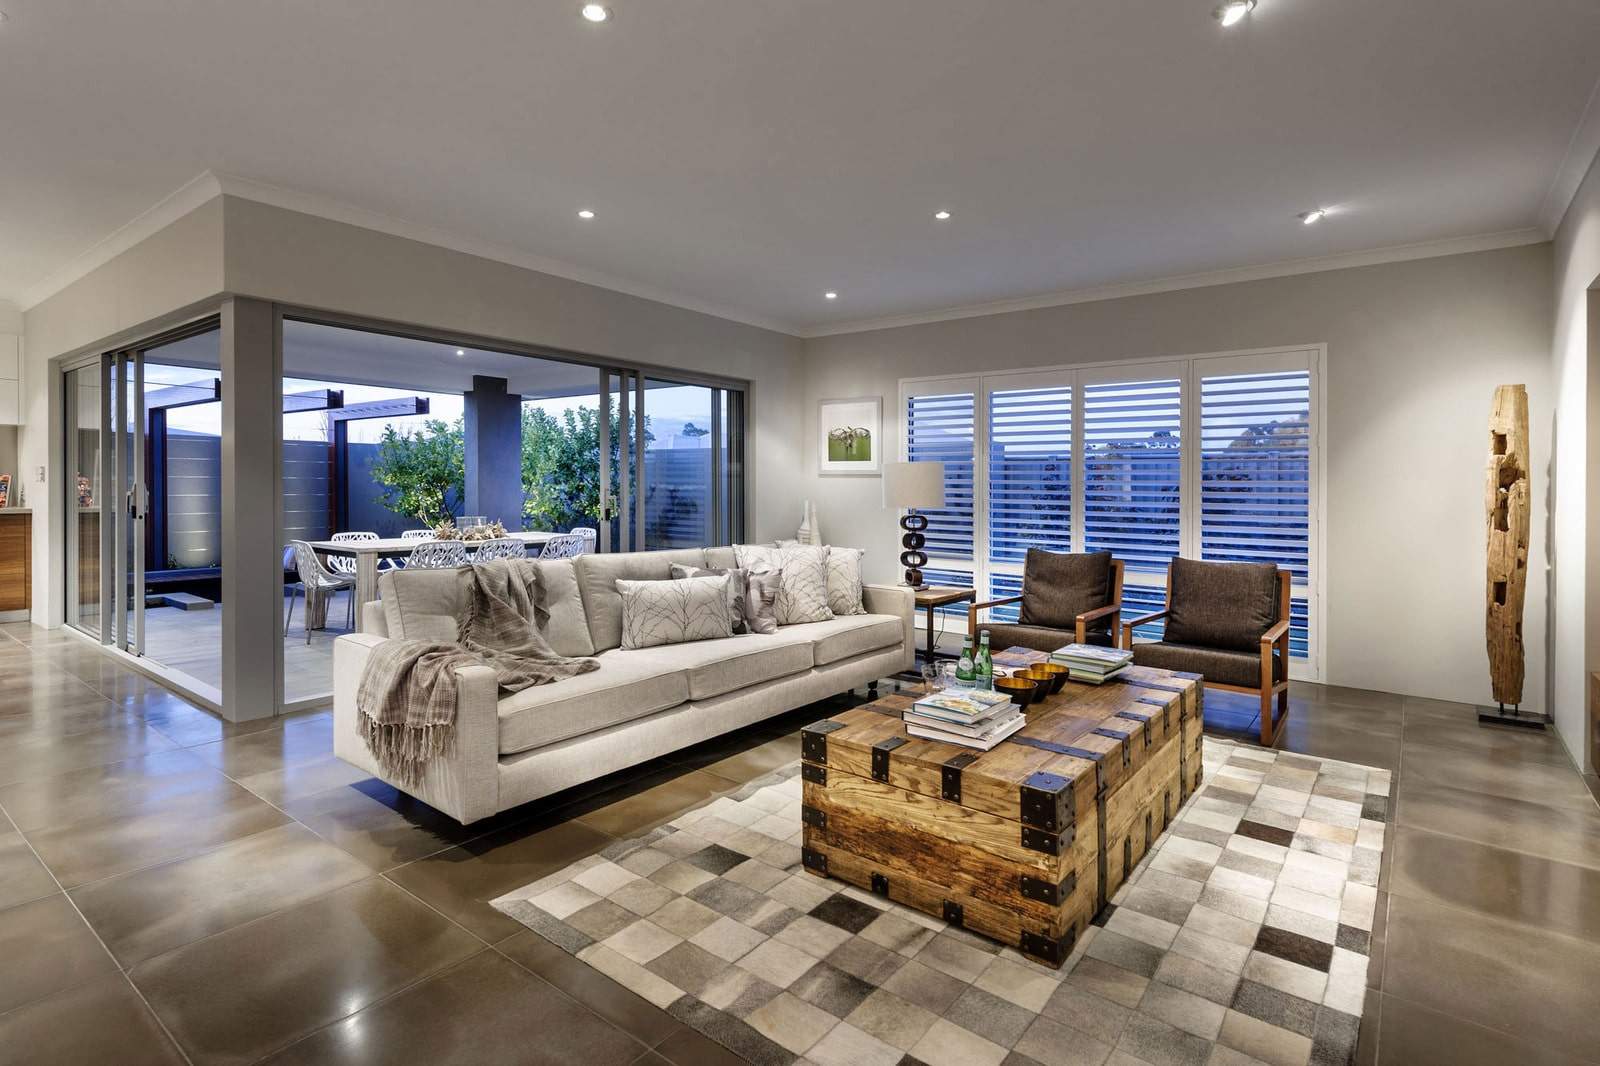 Dise o de casa moderna de dos pisos fachada e interiores - Interiores de pisos ...